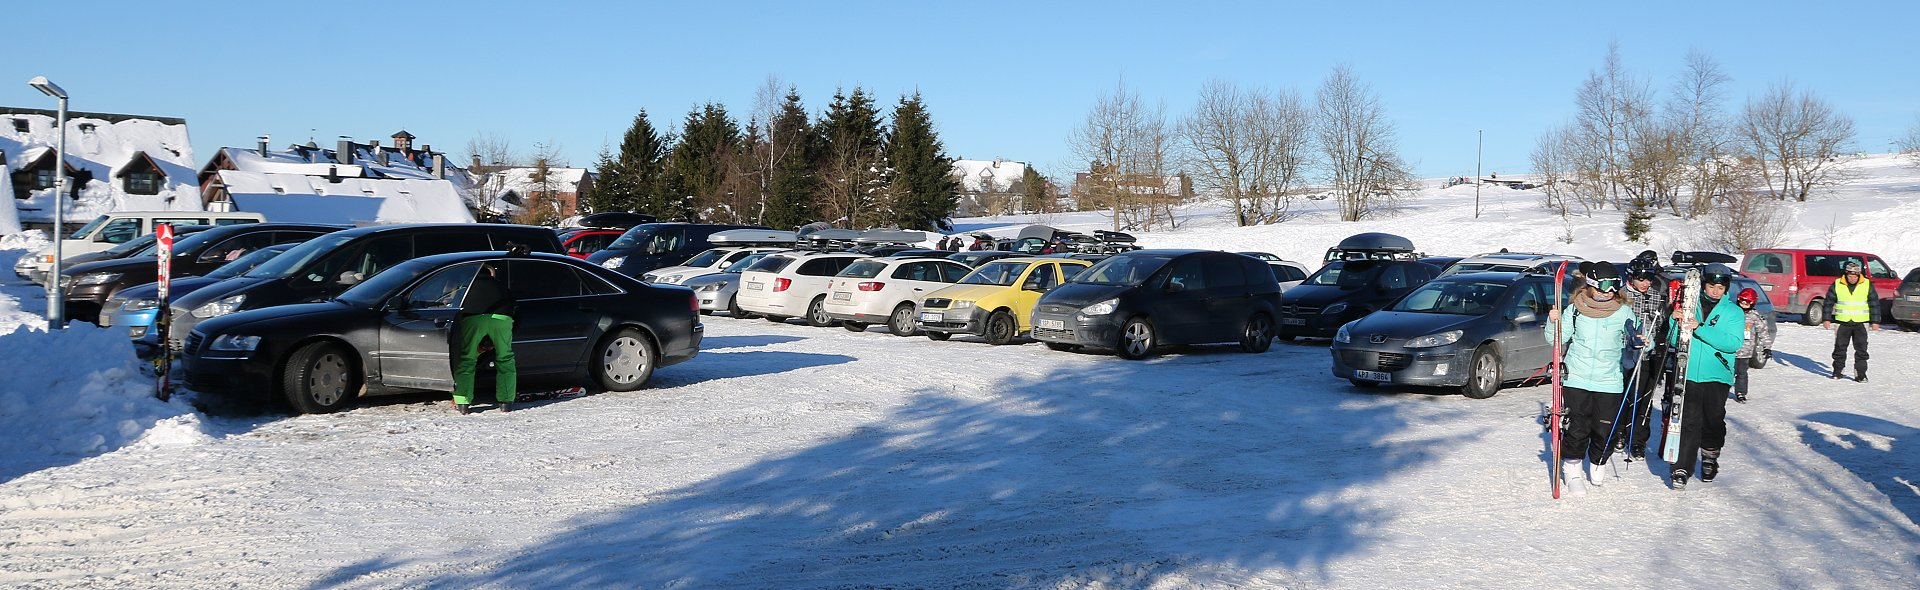 Parking in Boží Dar